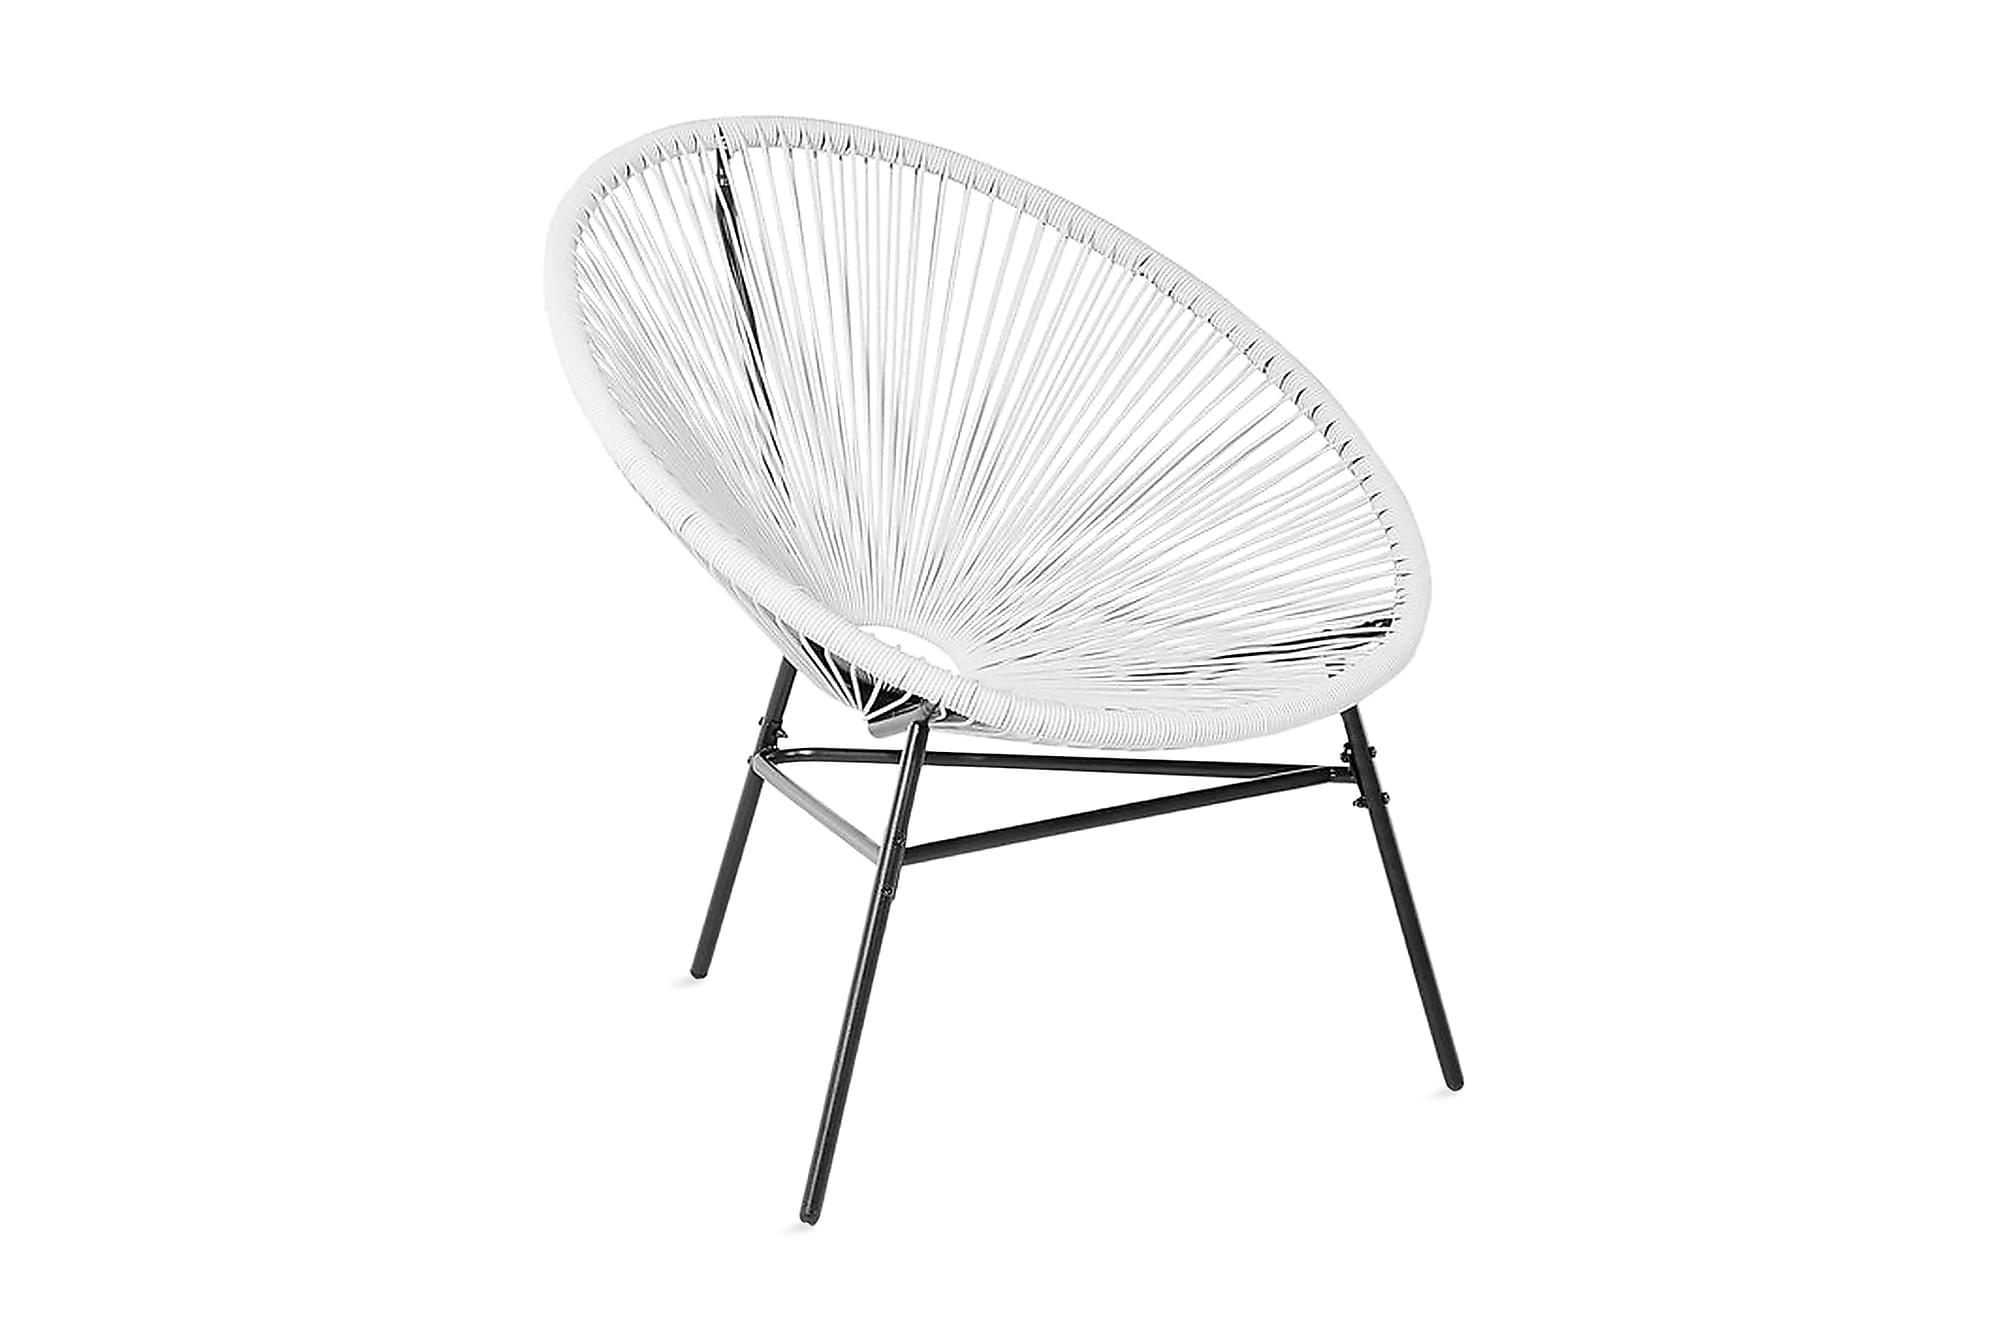 ACAPULCO Trädgårdsstol 2 st 76 cm, Matstolar